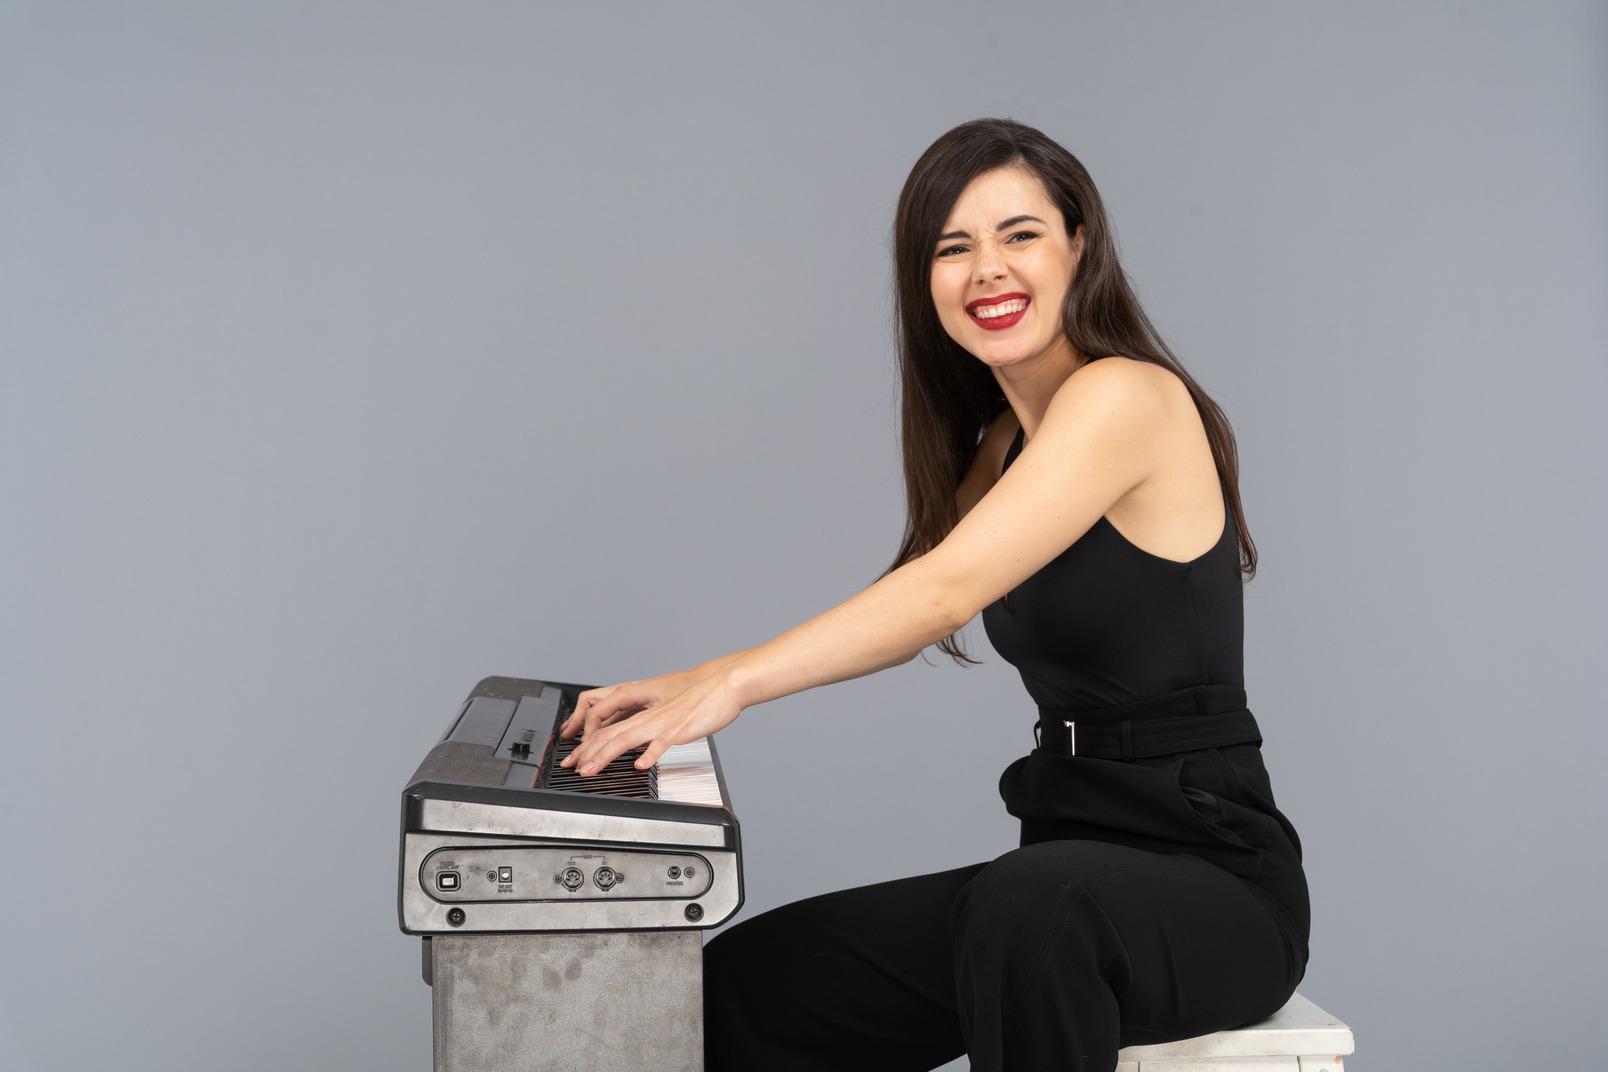 Seitenansicht einer lächelnden sitzenden jungen dame im schwarzen anzug beim klavierspielen